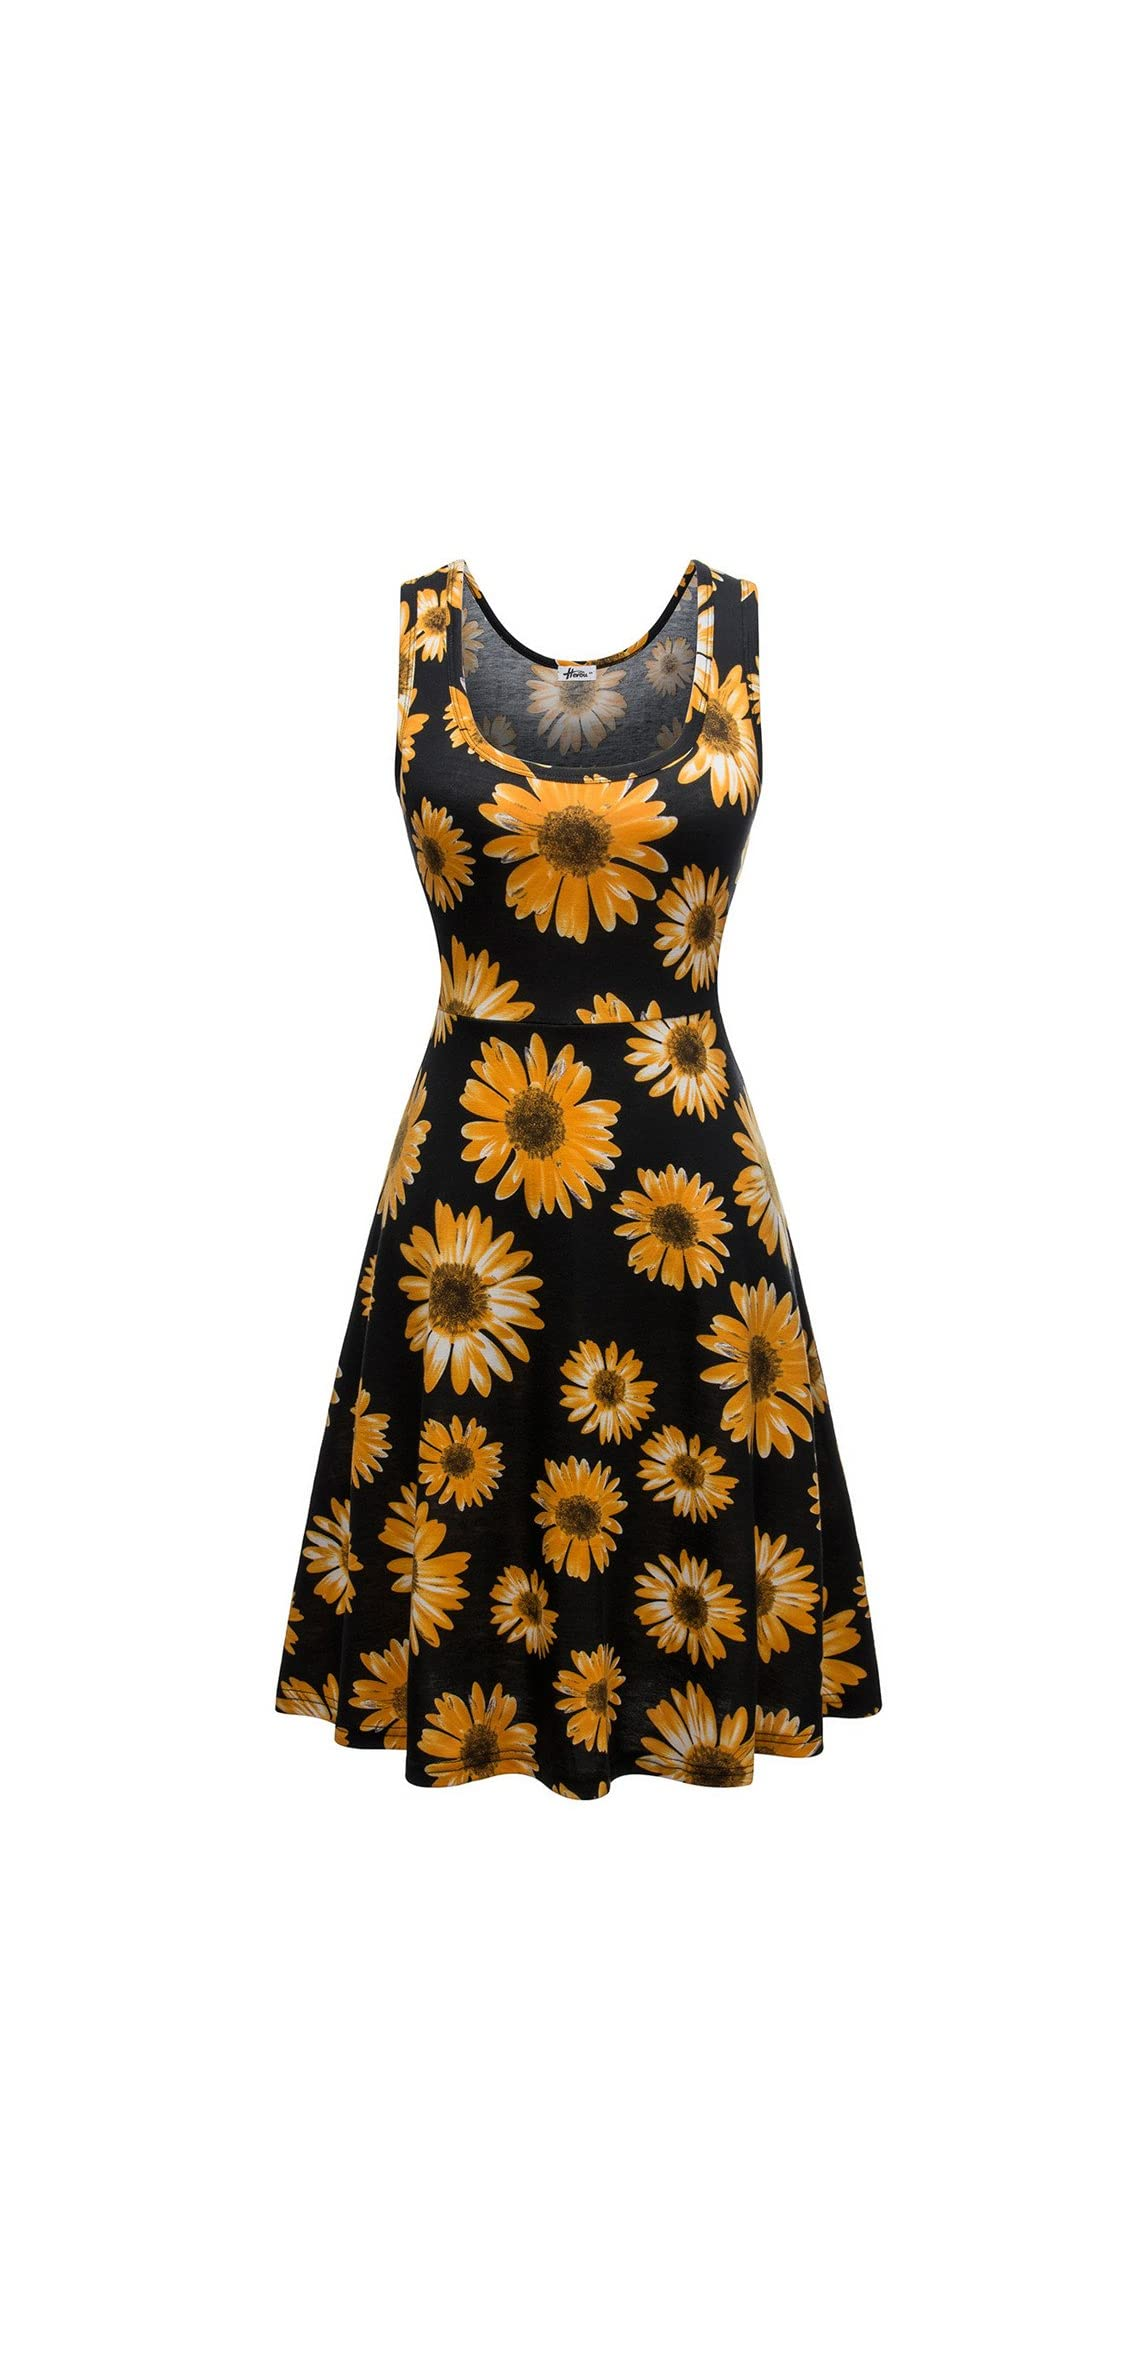 Women Summer Casual Sleeveless Cotton A-line Sun Dresses